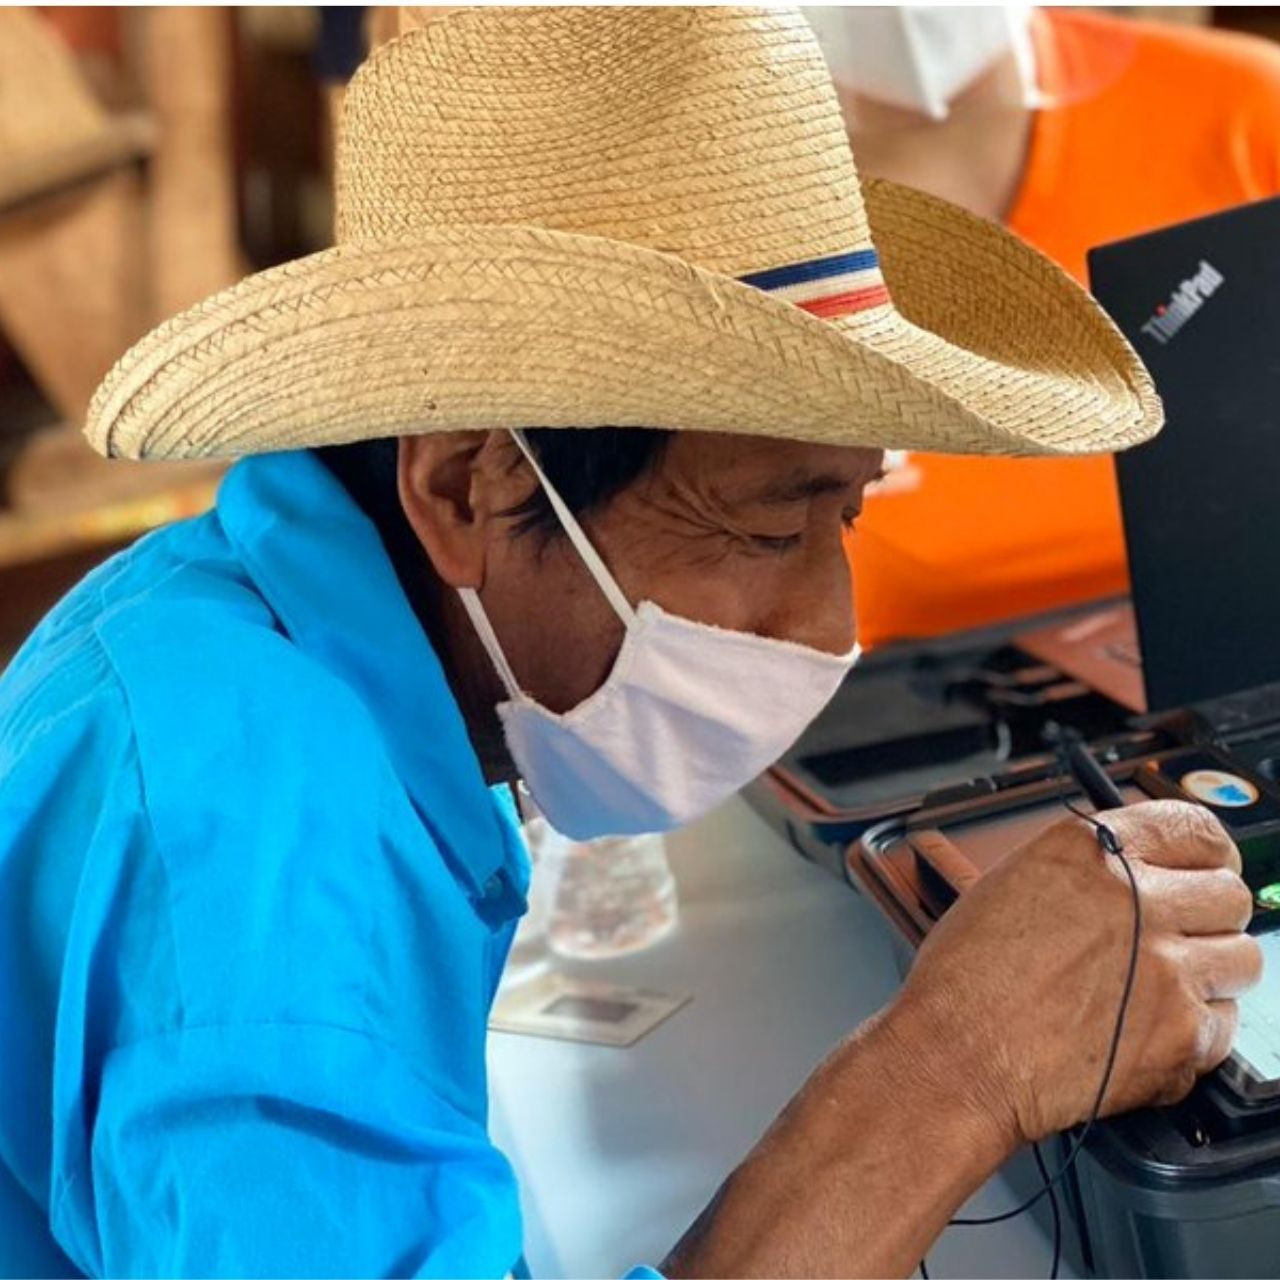 Autoridad electoral se queja que RNP le mandó censo por enlace web imposible de abrir